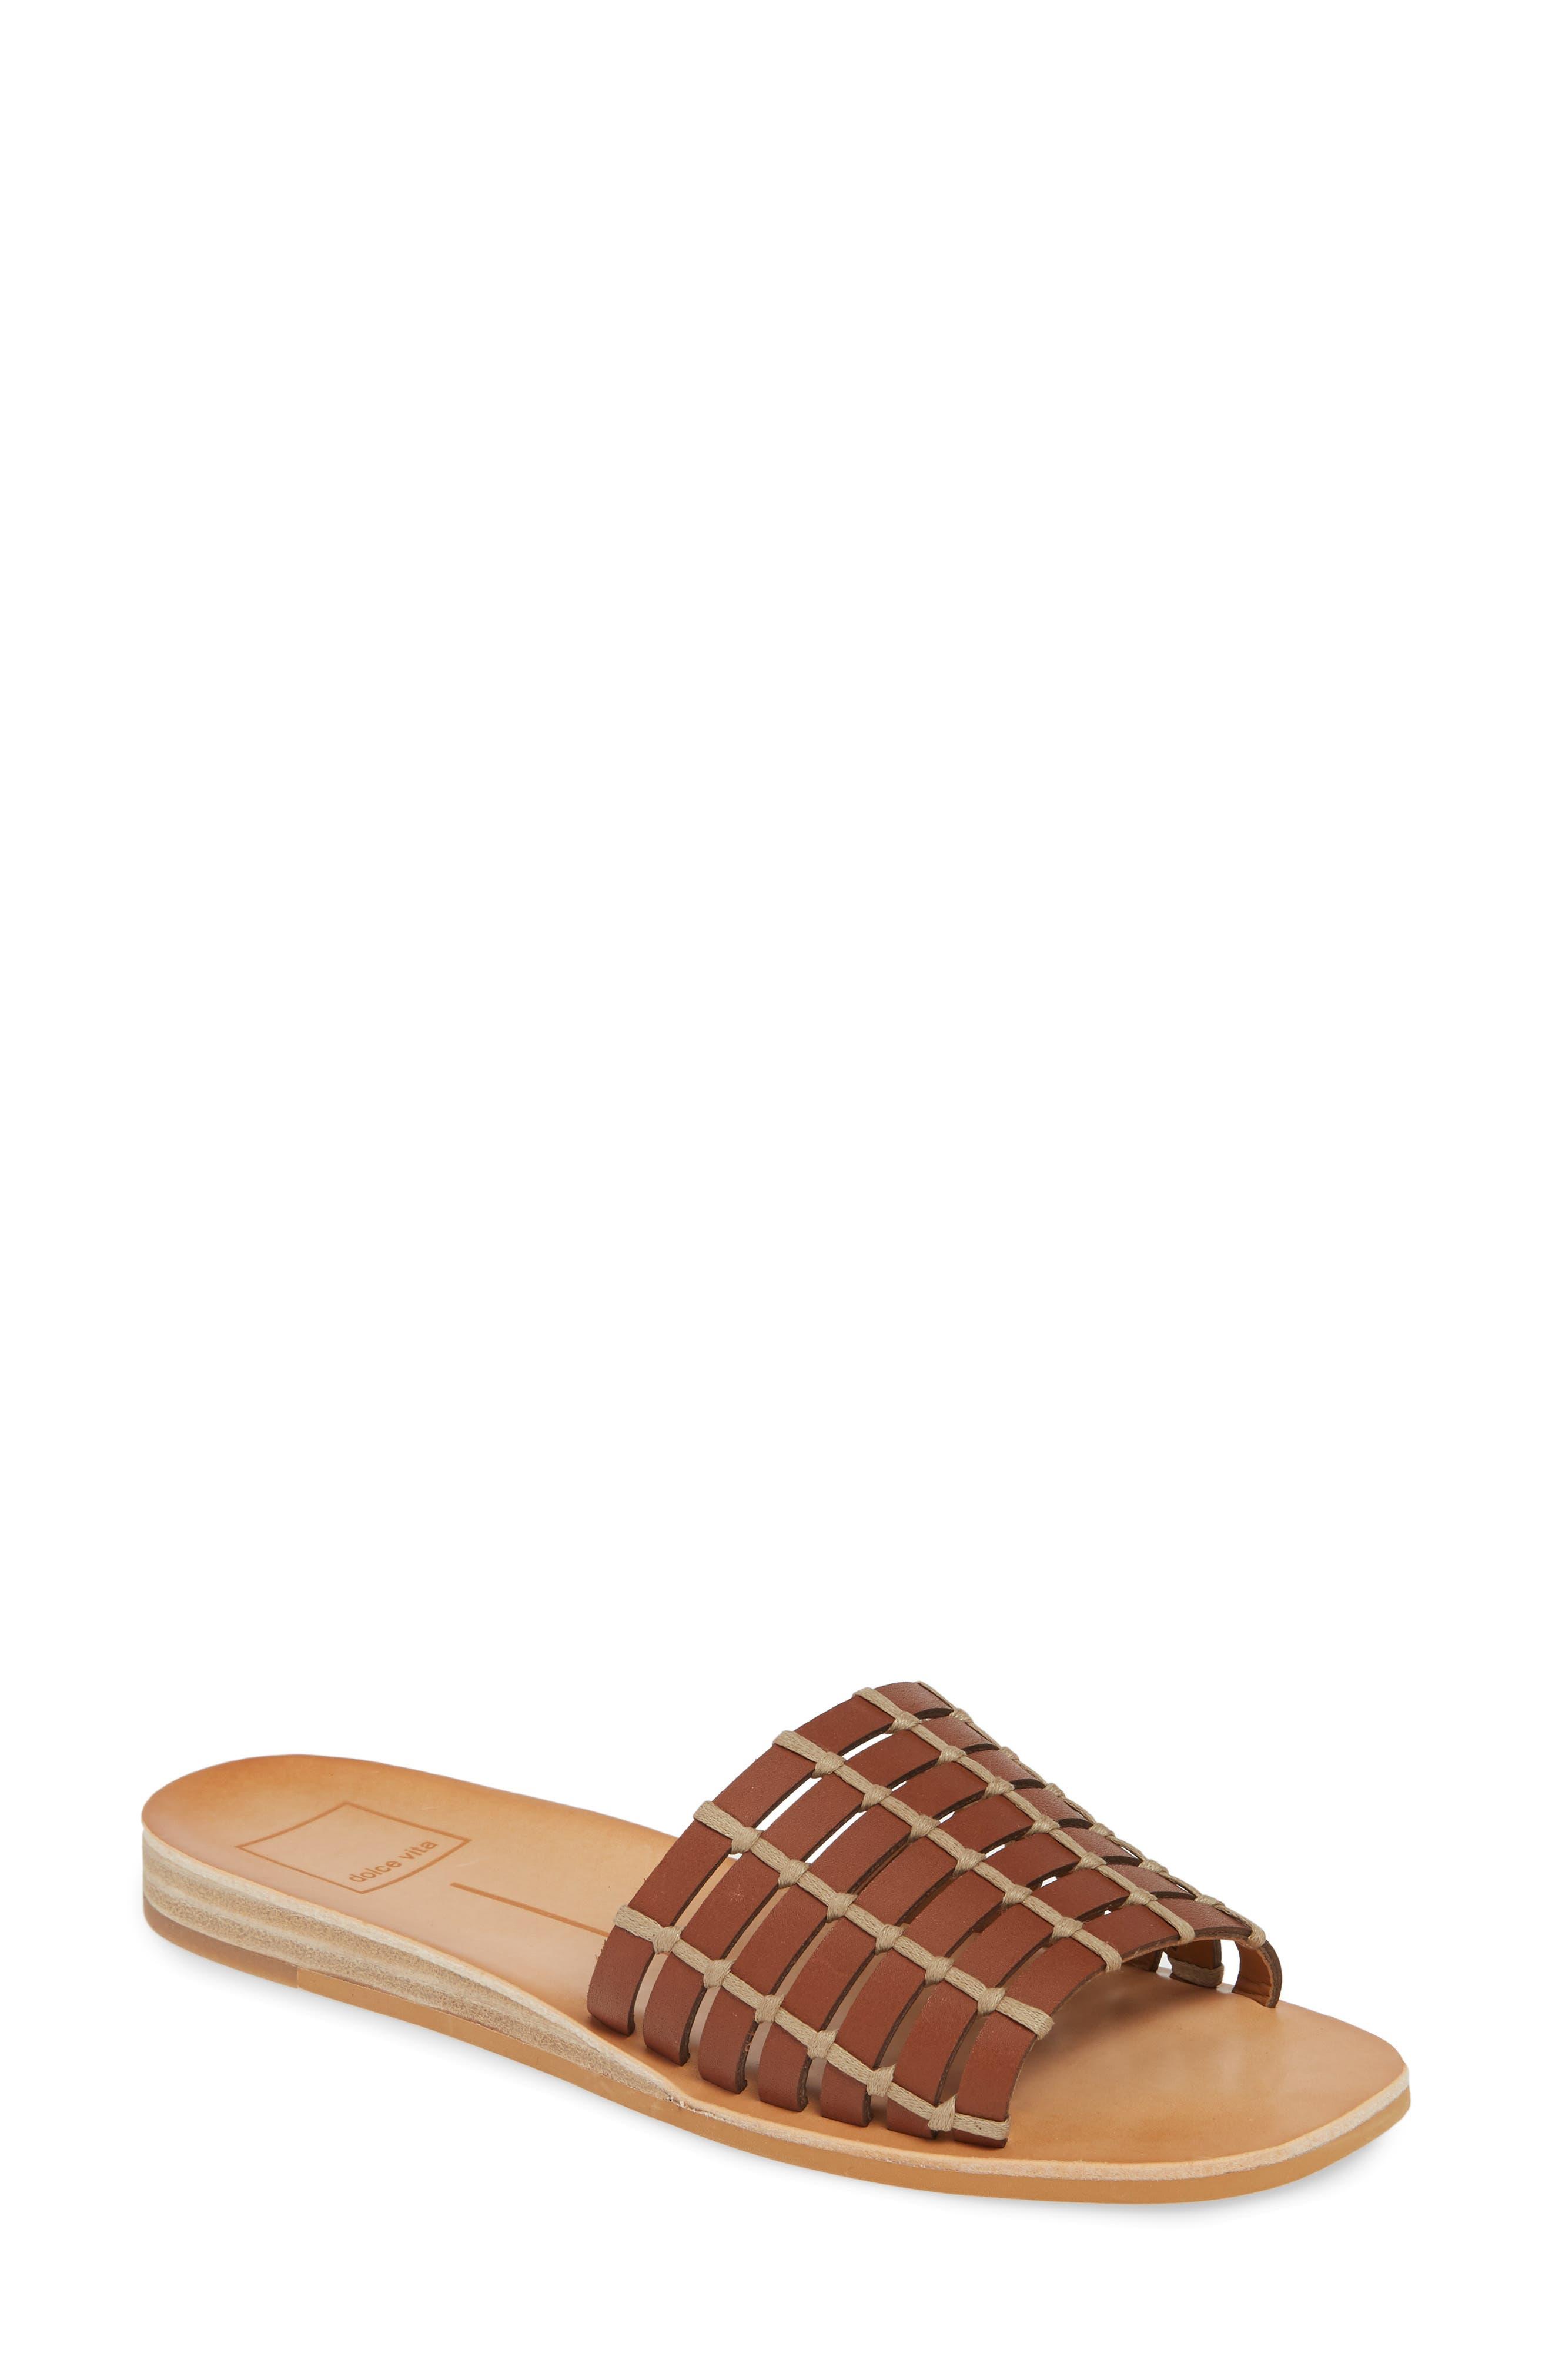 Dolce Vita Colsen Slide Sandal- Brown